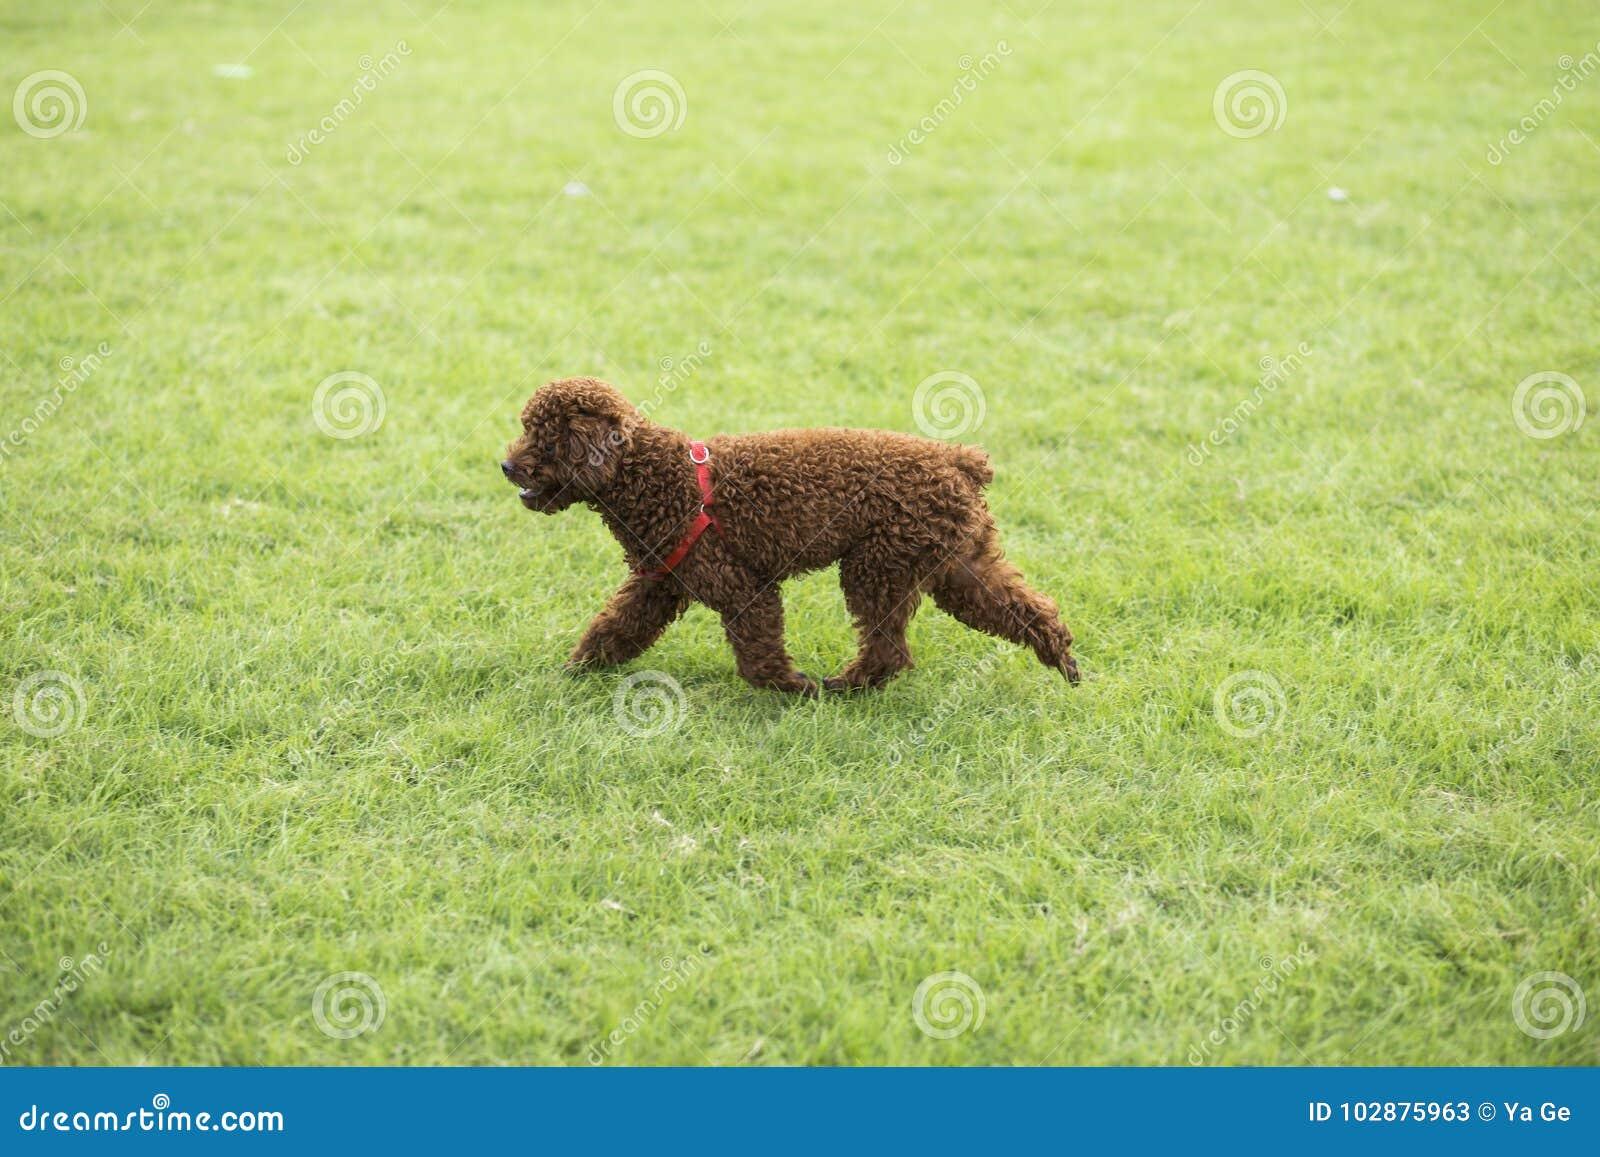 teddy dog stockbild bild von hund rasen zwei lack 102875963. Black Bedroom Furniture Sets. Home Design Ideas